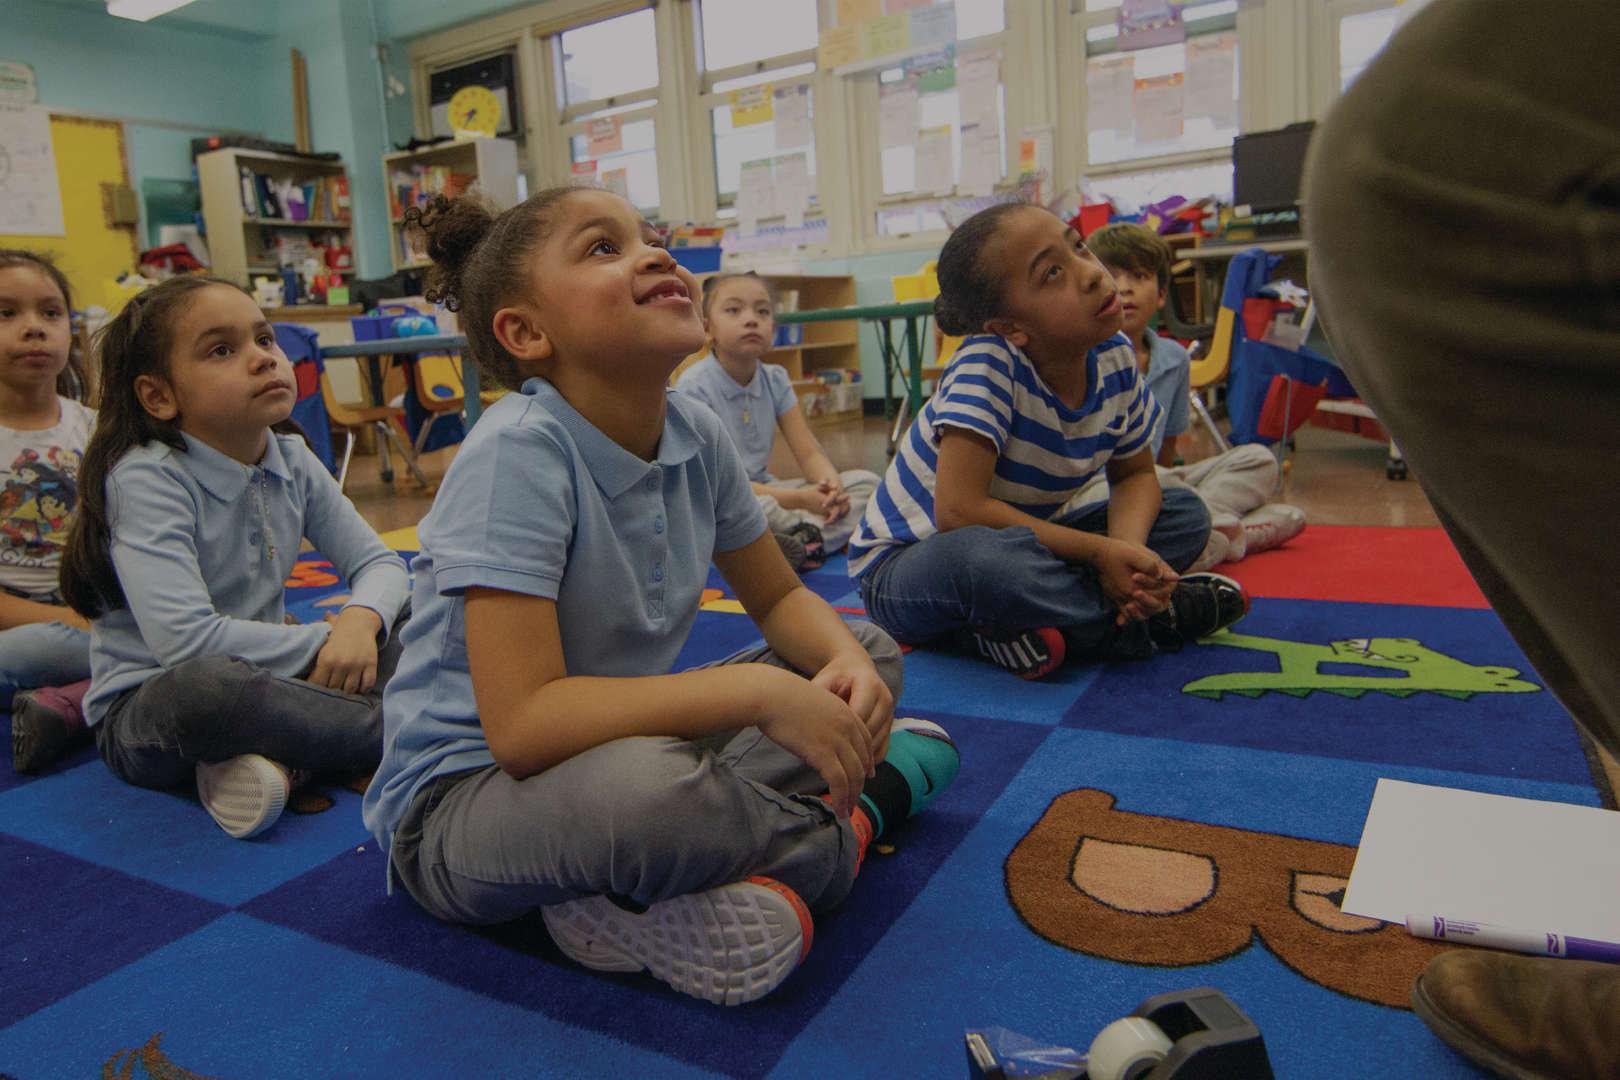 Children listening to lesson